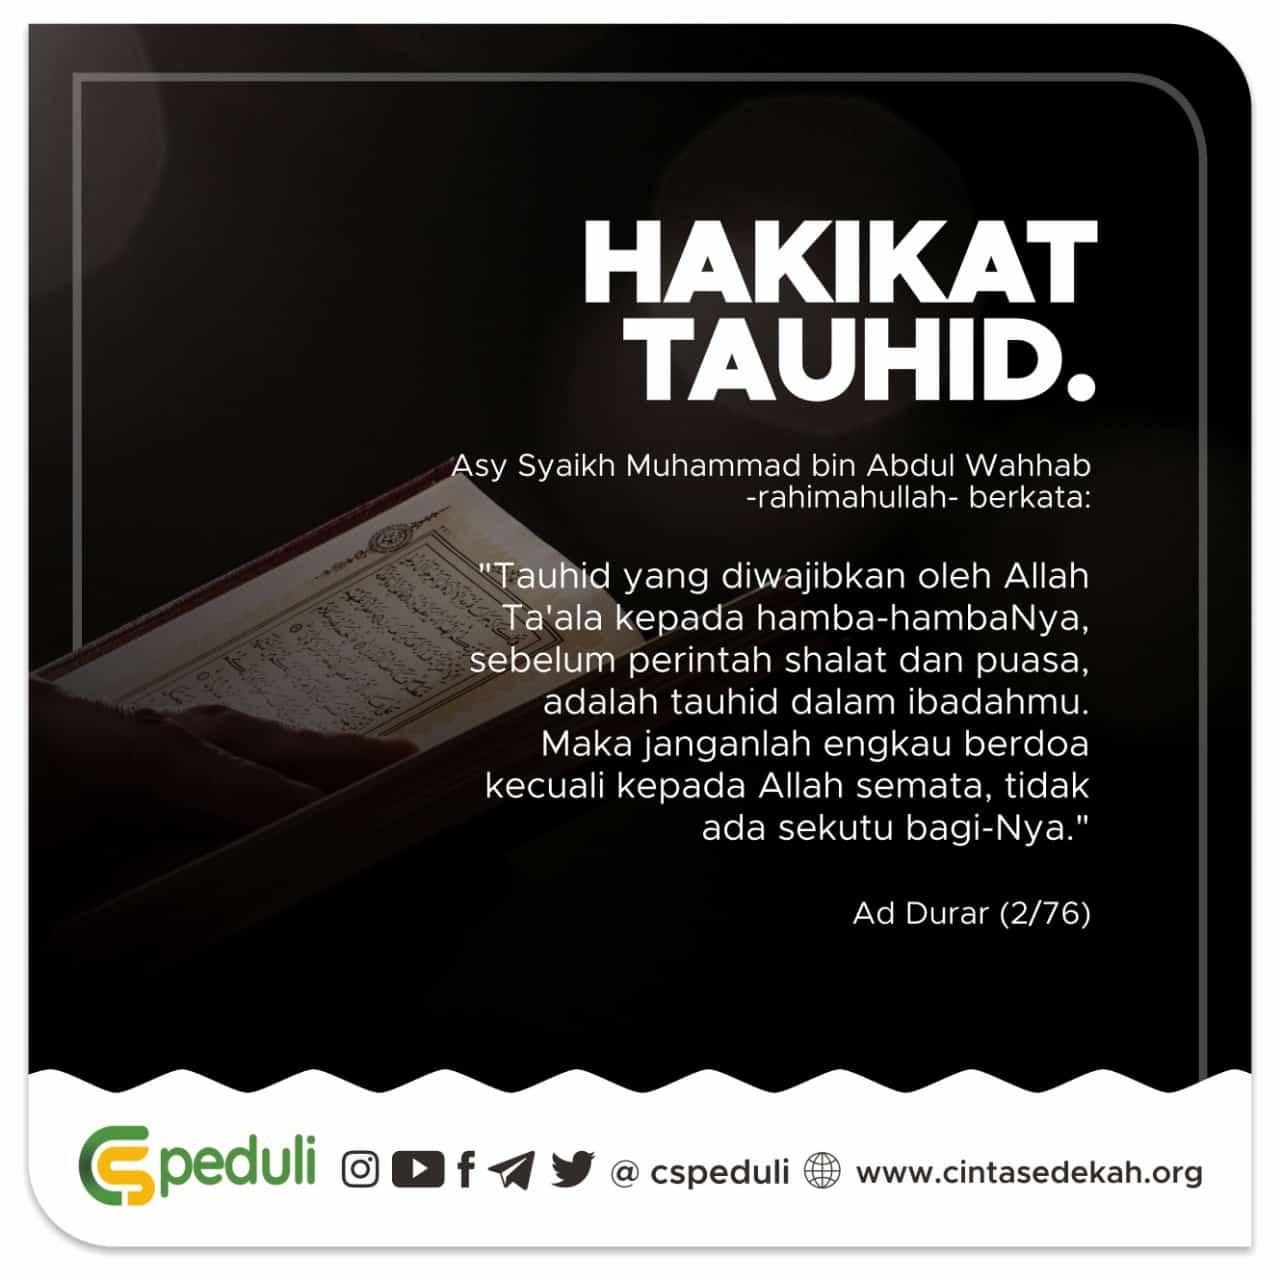 HAKIKAT TAUHID